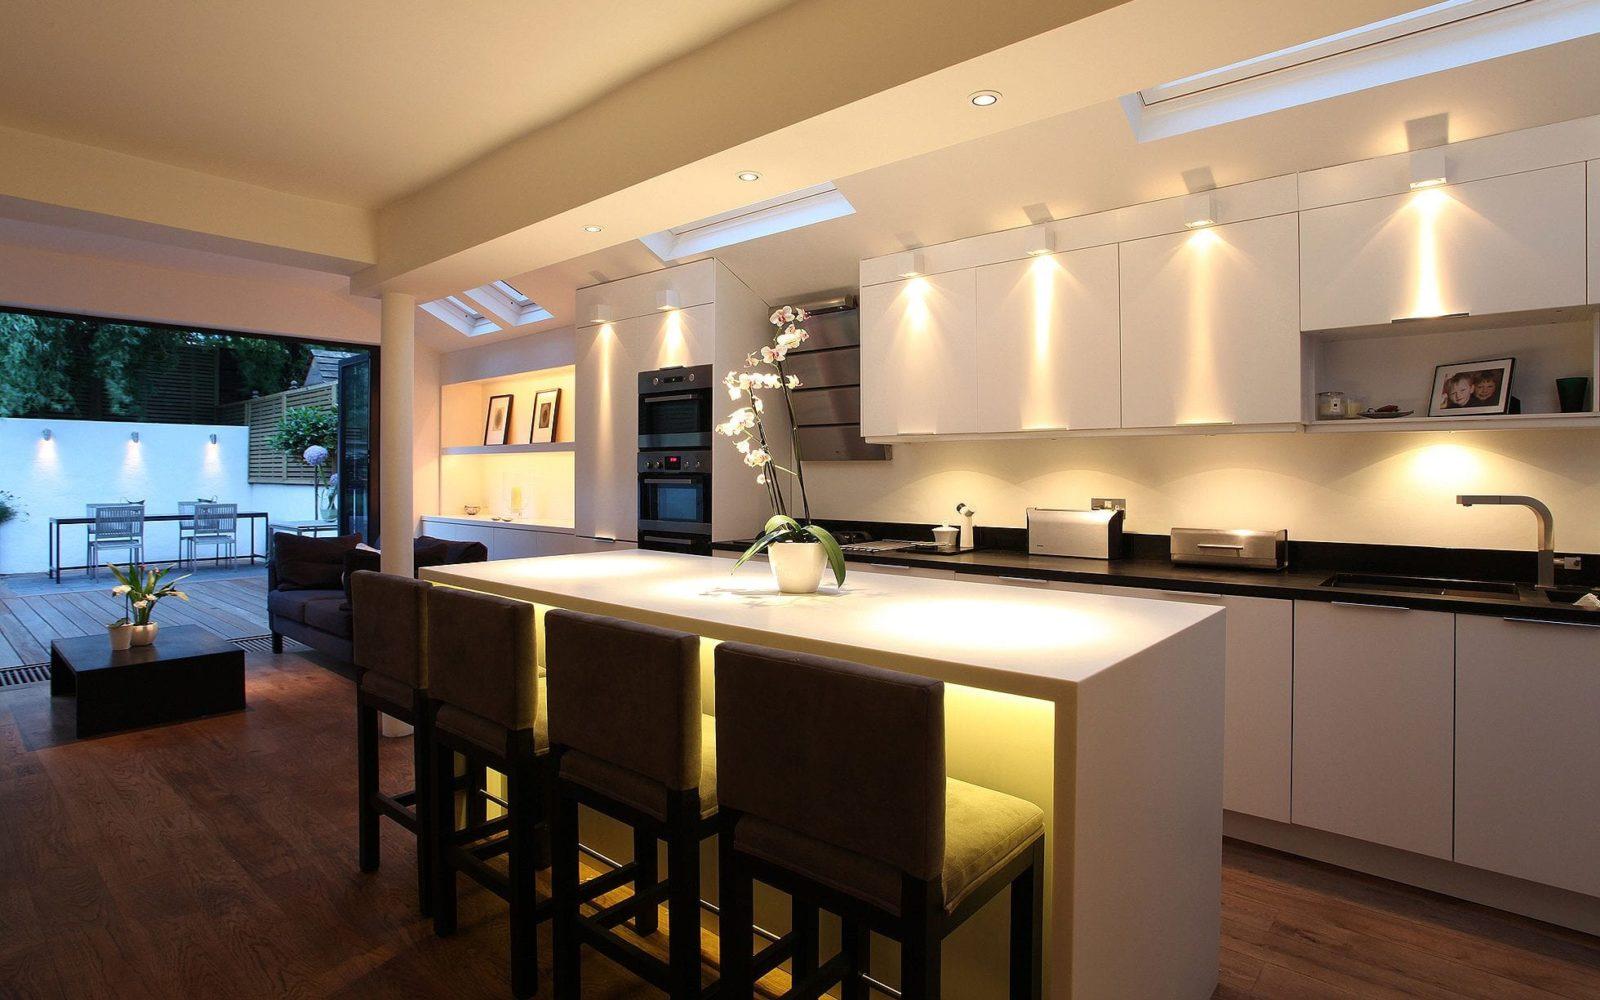 Особенности освещения на кухне: какое бывает и как организовать? (актуальные идеи)